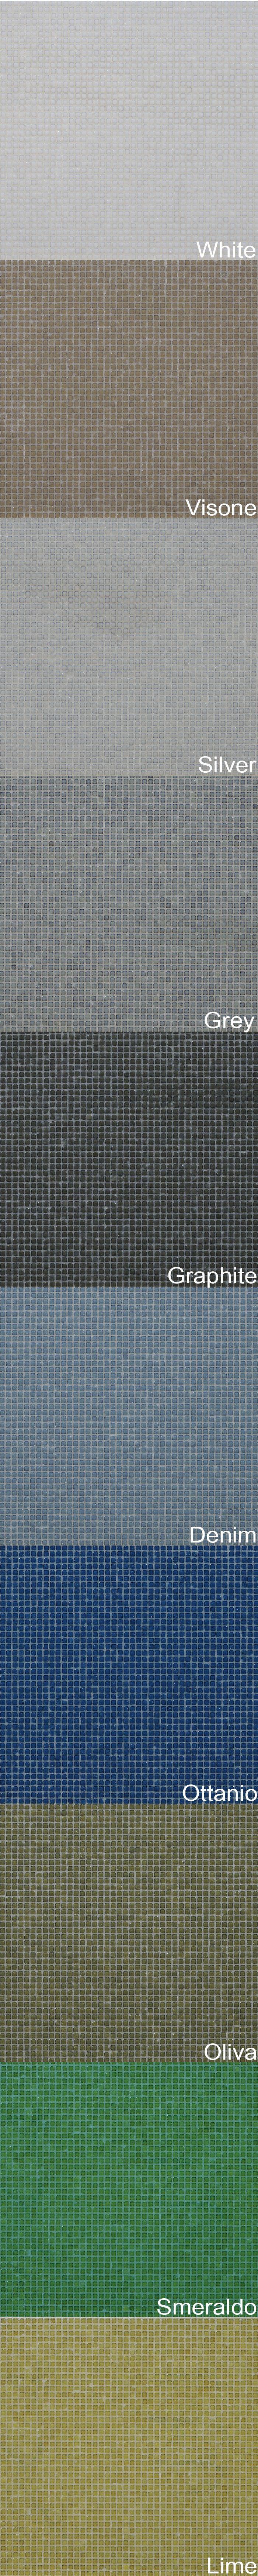 Micro. I Frammenti_Claudio Silvestrin Design micro mosaic 5x5 mm Registrato/Patented www.progettomicro.it #micro #mosaico #gres #glass #design #claudio #silvestrin #plan #5x5 #mm #vetro #gres #glass #brix #tile #tiles #mjcro #micromosaic #bonini #patented #brevetto